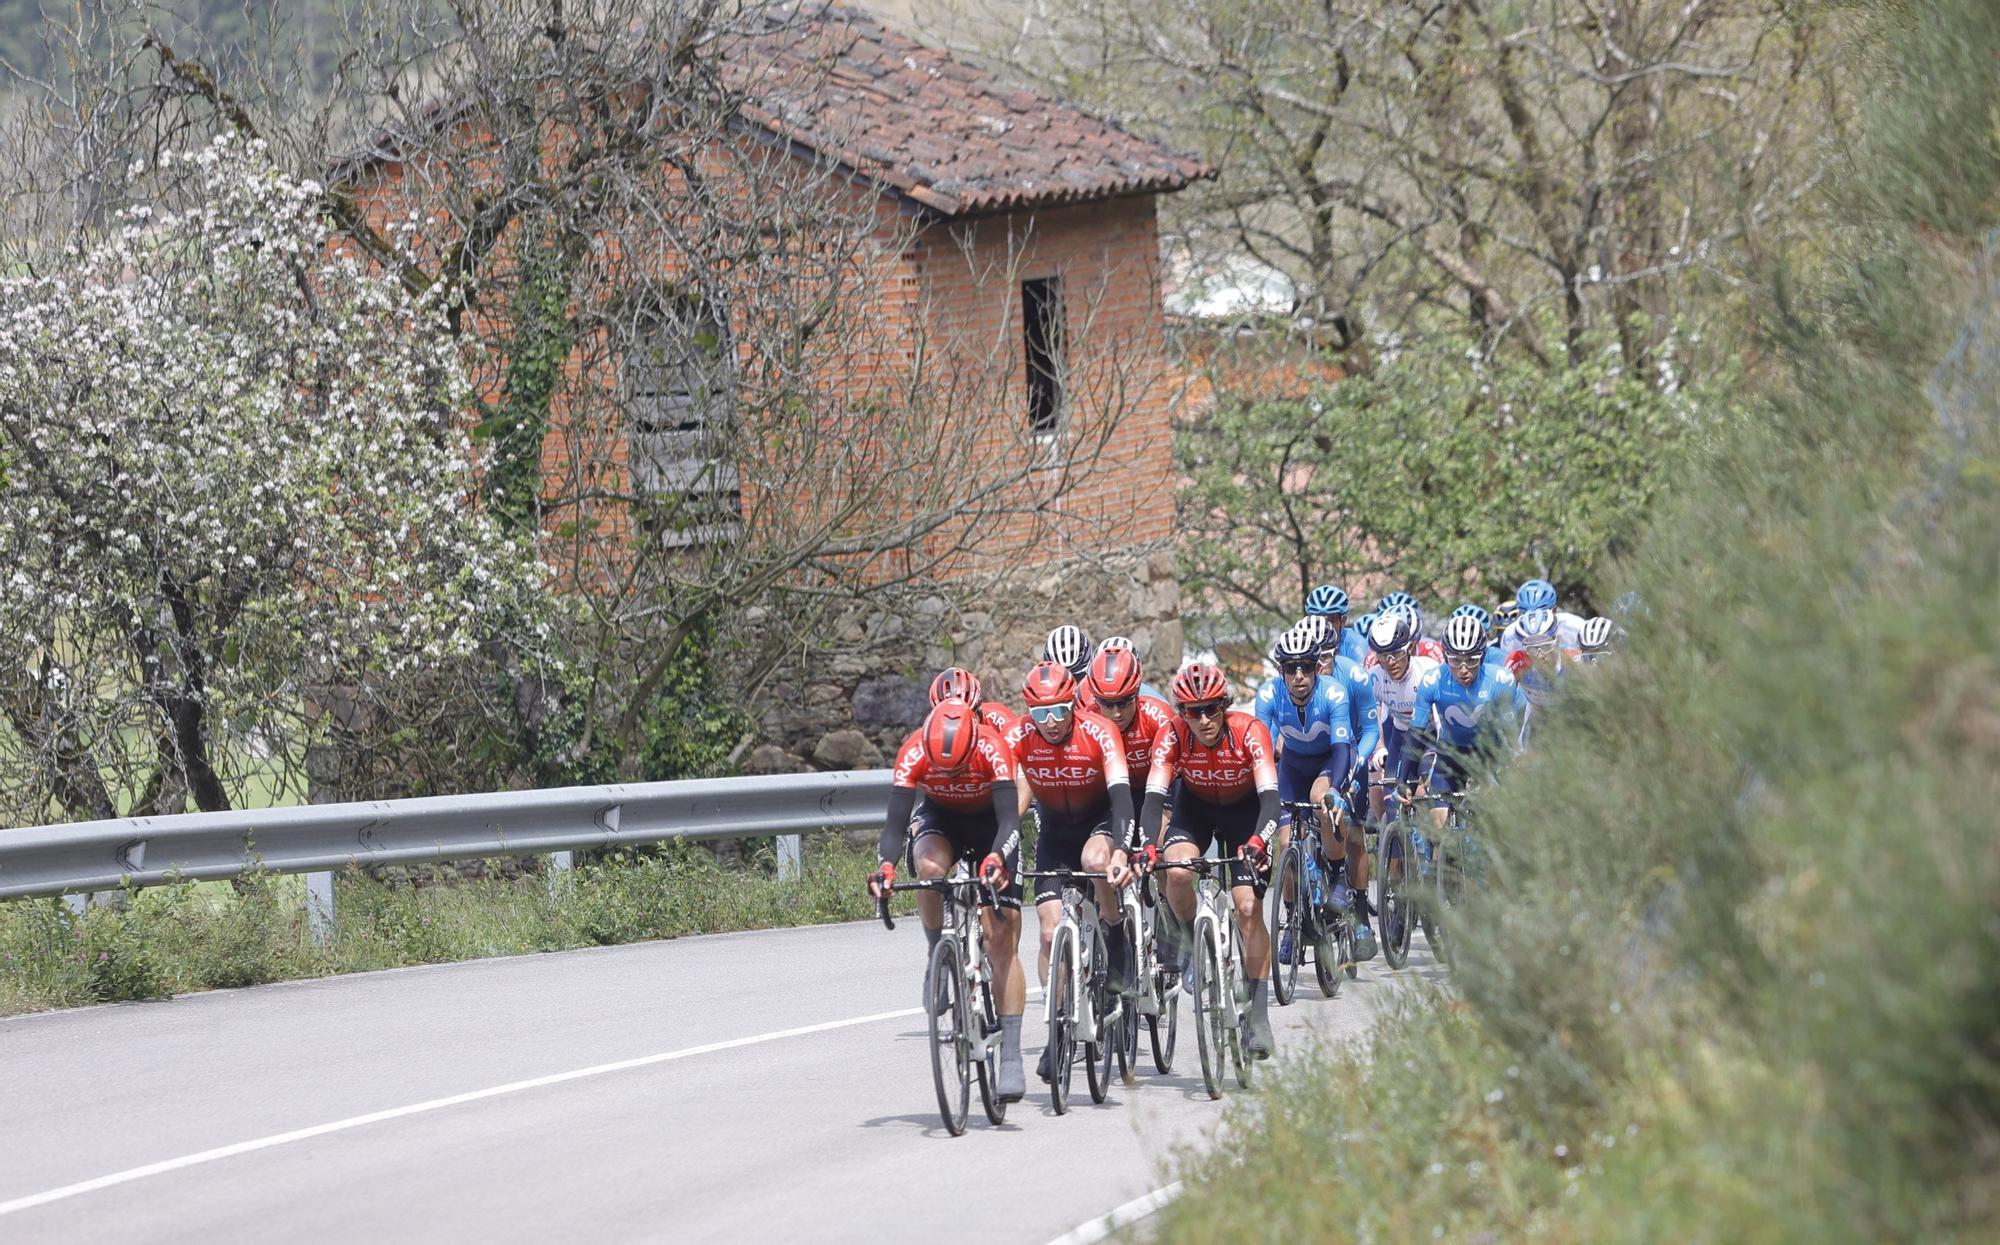 La segunda etapa de la Vuelta Ciclista a Asturias, en imágenes